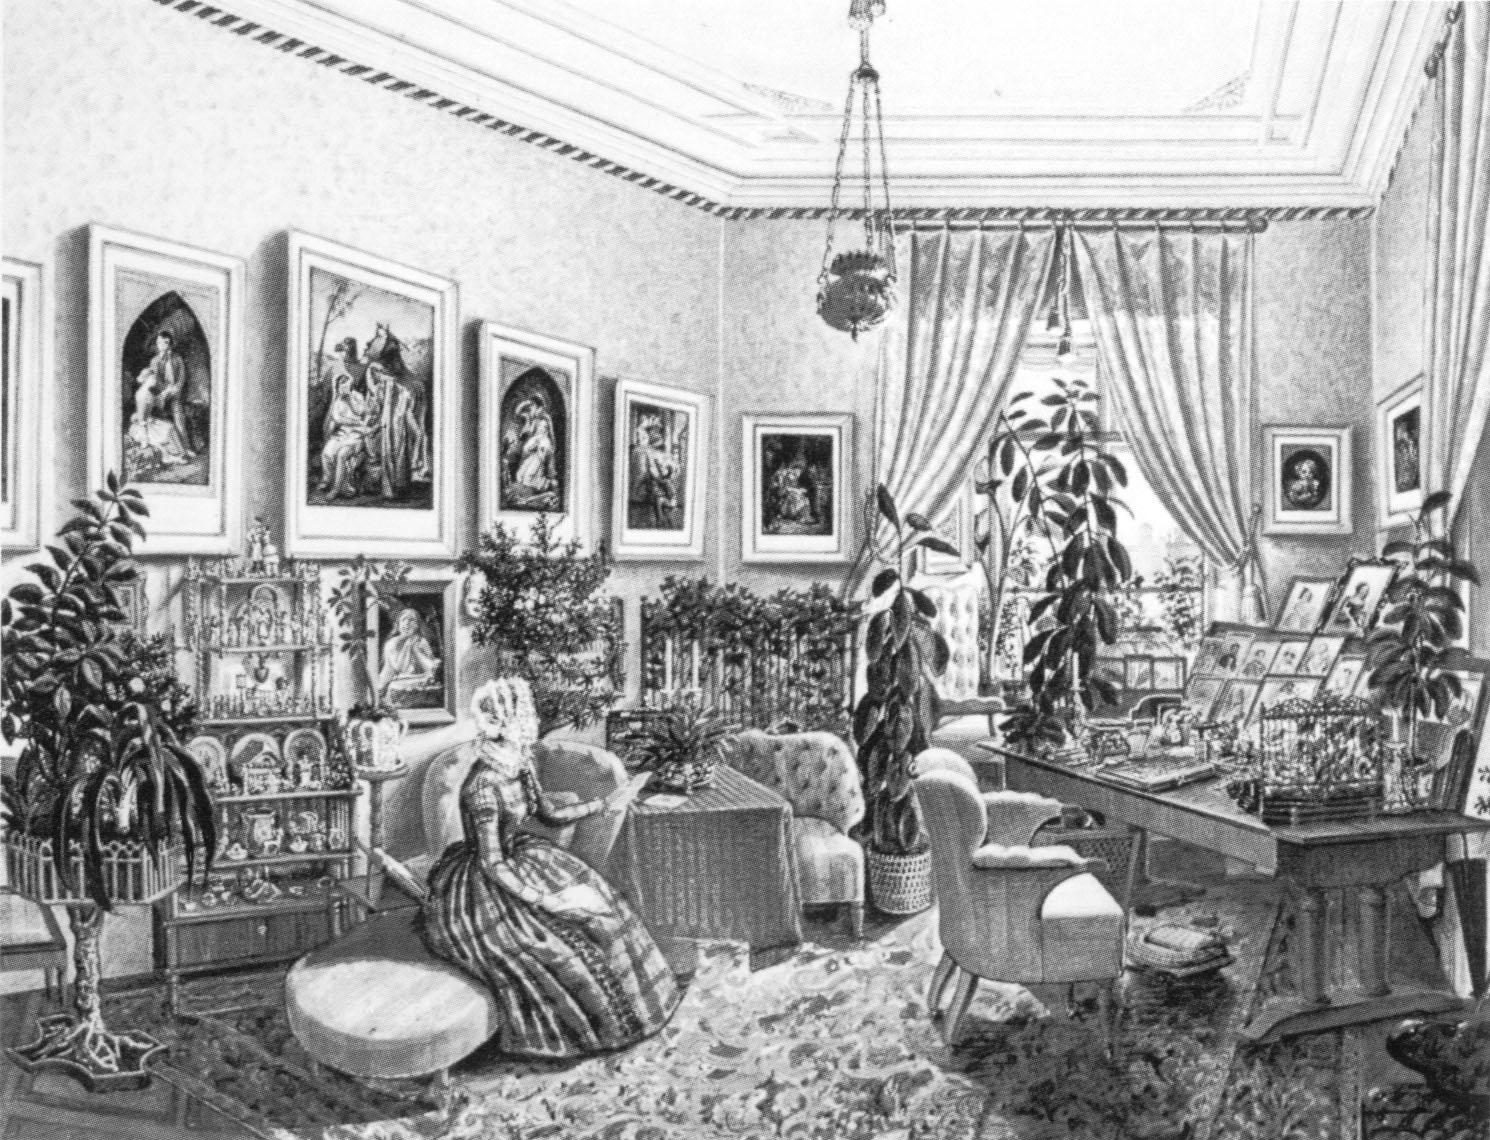 Kunstblatt for Wohnzimmer 19 jahrhundert